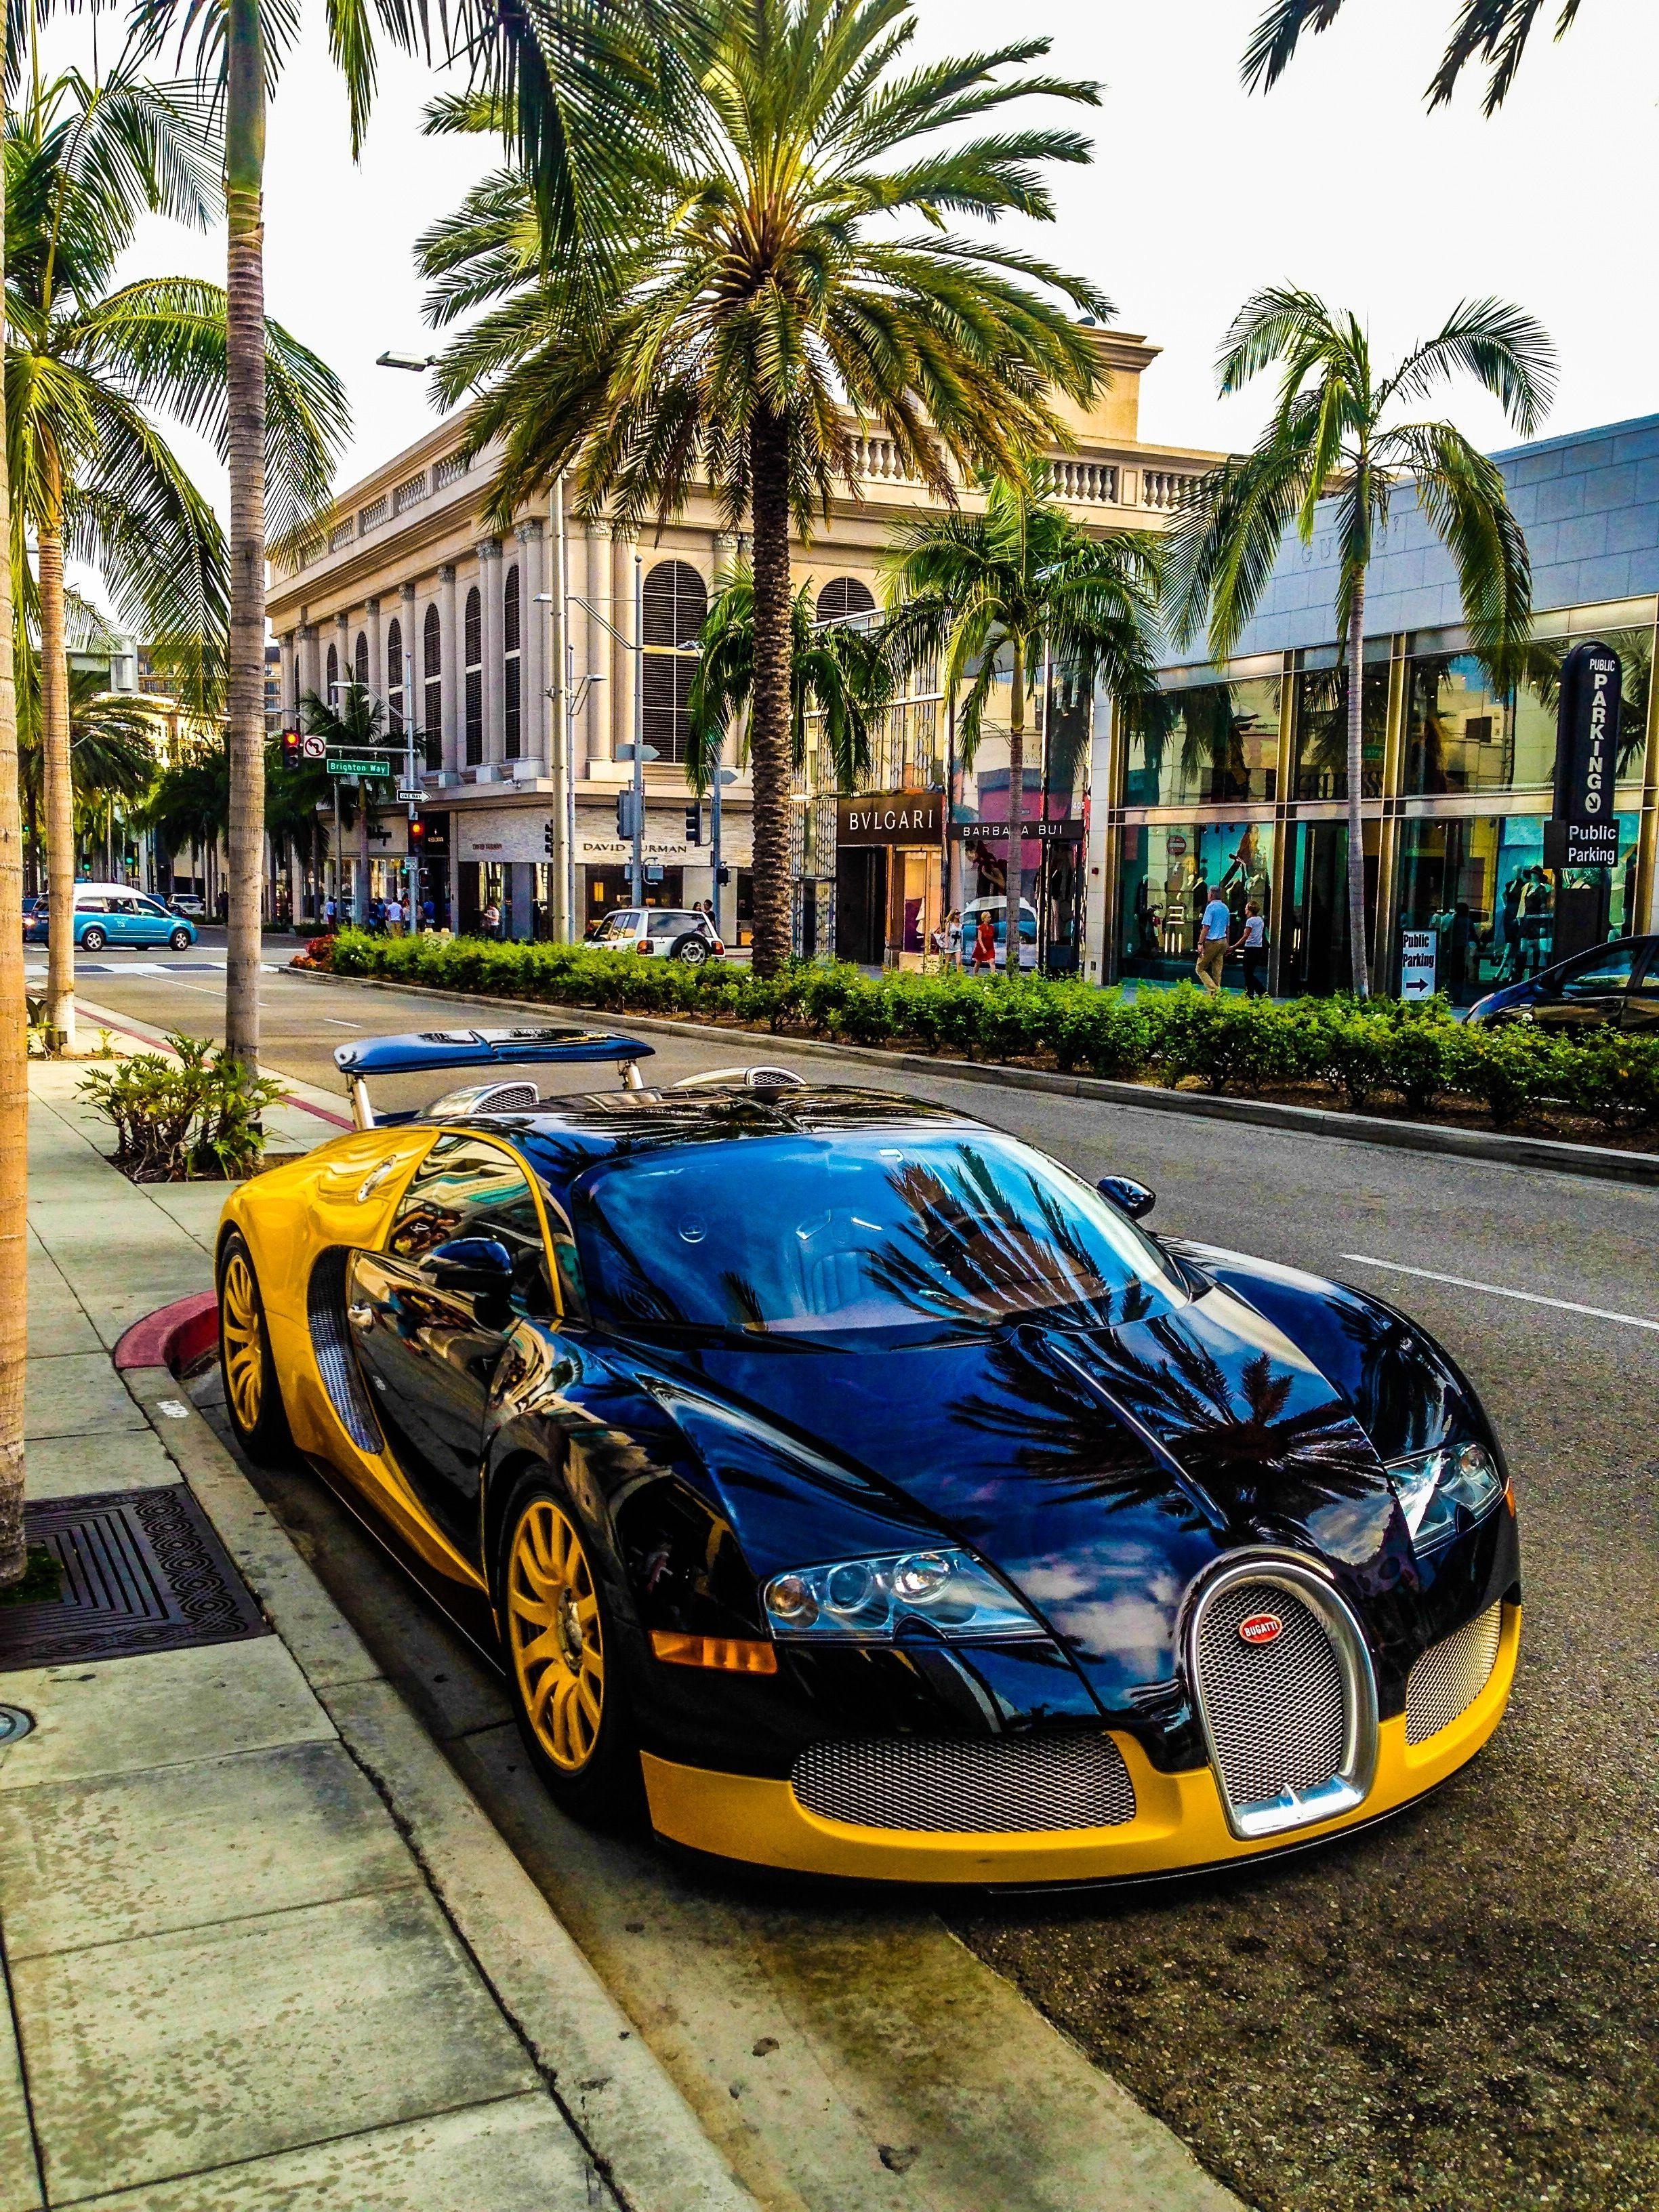 dc2b21399646e8a457e734338d65de73 Terrific Bugatti Veyron 2017 for Sale Cars Trend